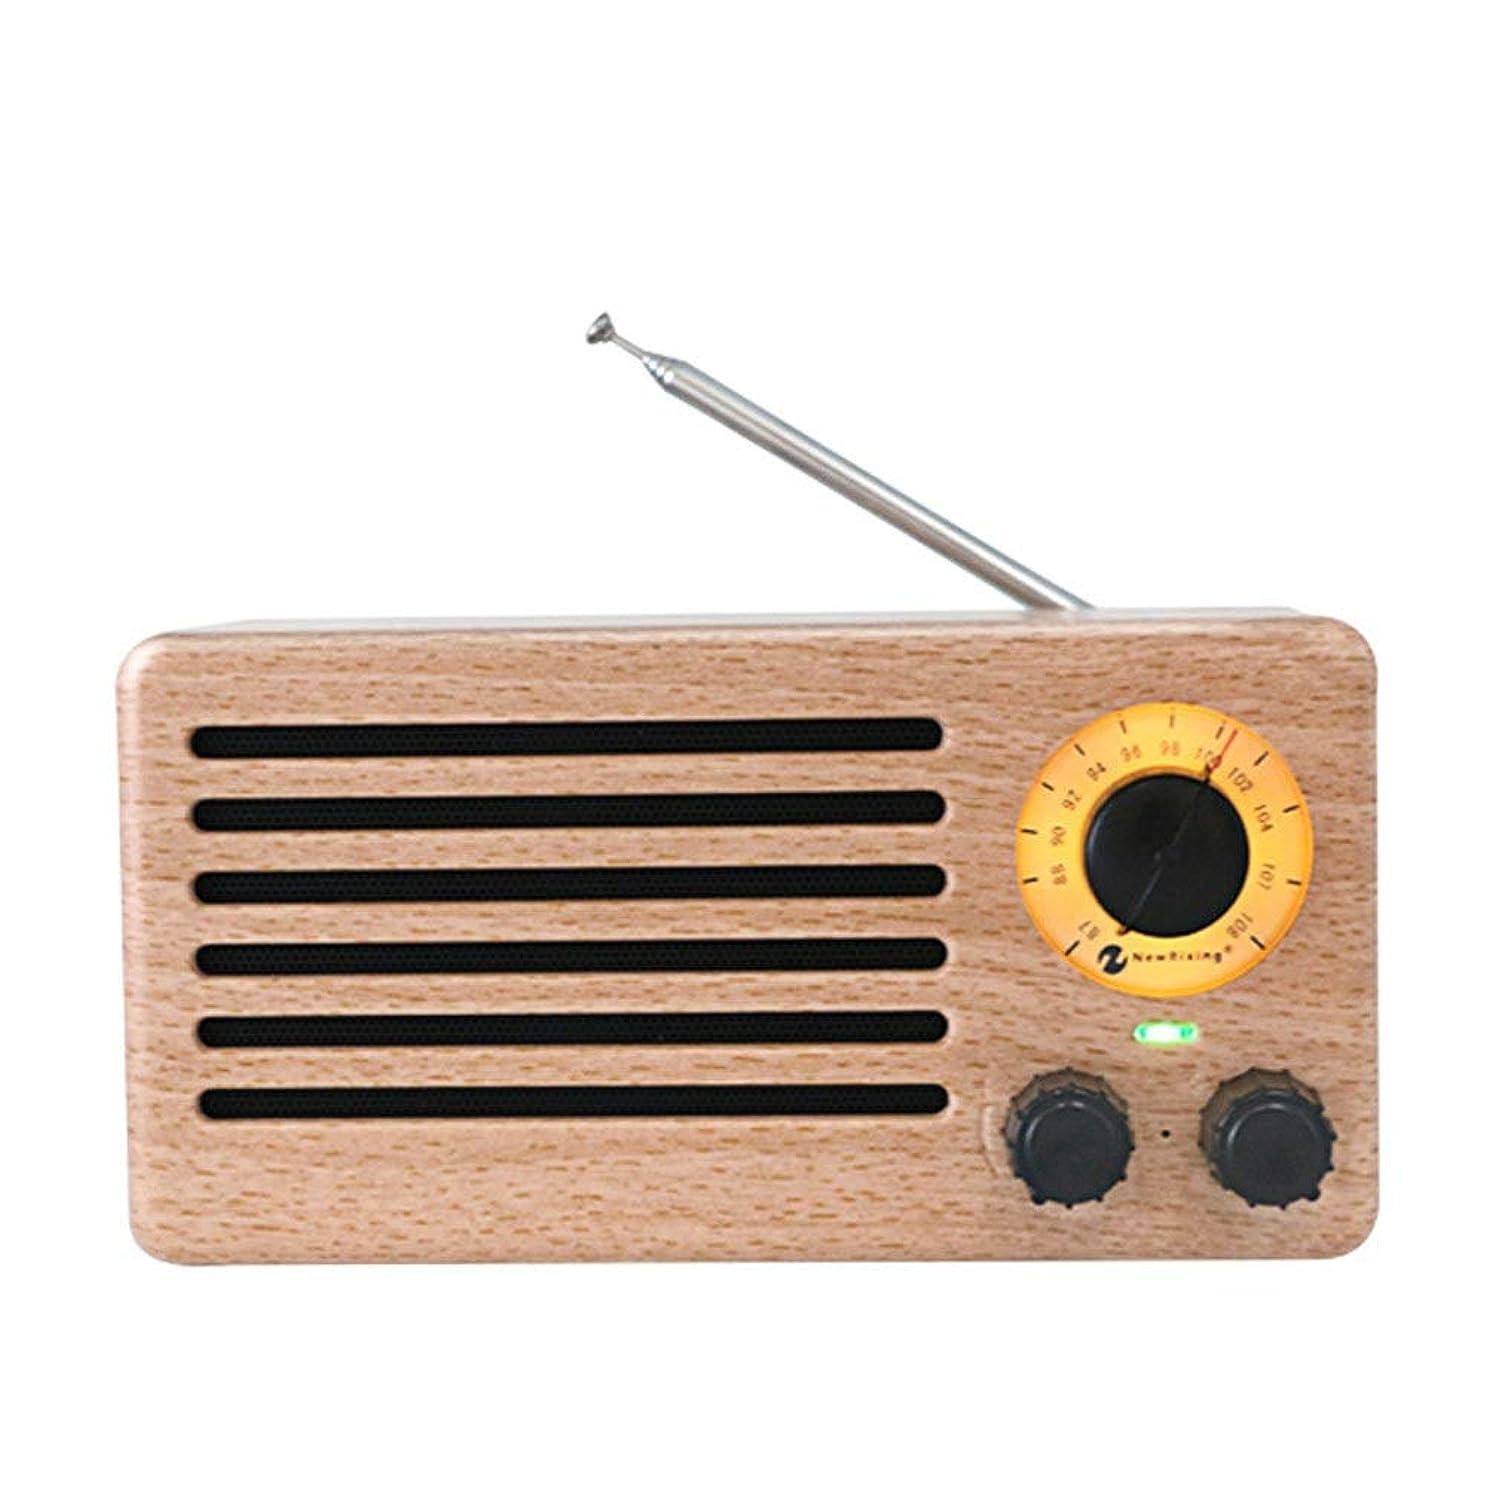 震え外科医巡礼者レトロなBluetoothスピーカー FMワイヤレスブルートゥーススピーカーラジオミニポータブルブルートゥース4.2ウッドラジオ音声プロンプト機能32ギガバイトのUSB付き防水ワイヤレスステレオレトロスピーカー 使い方が簡単 (色 : A)